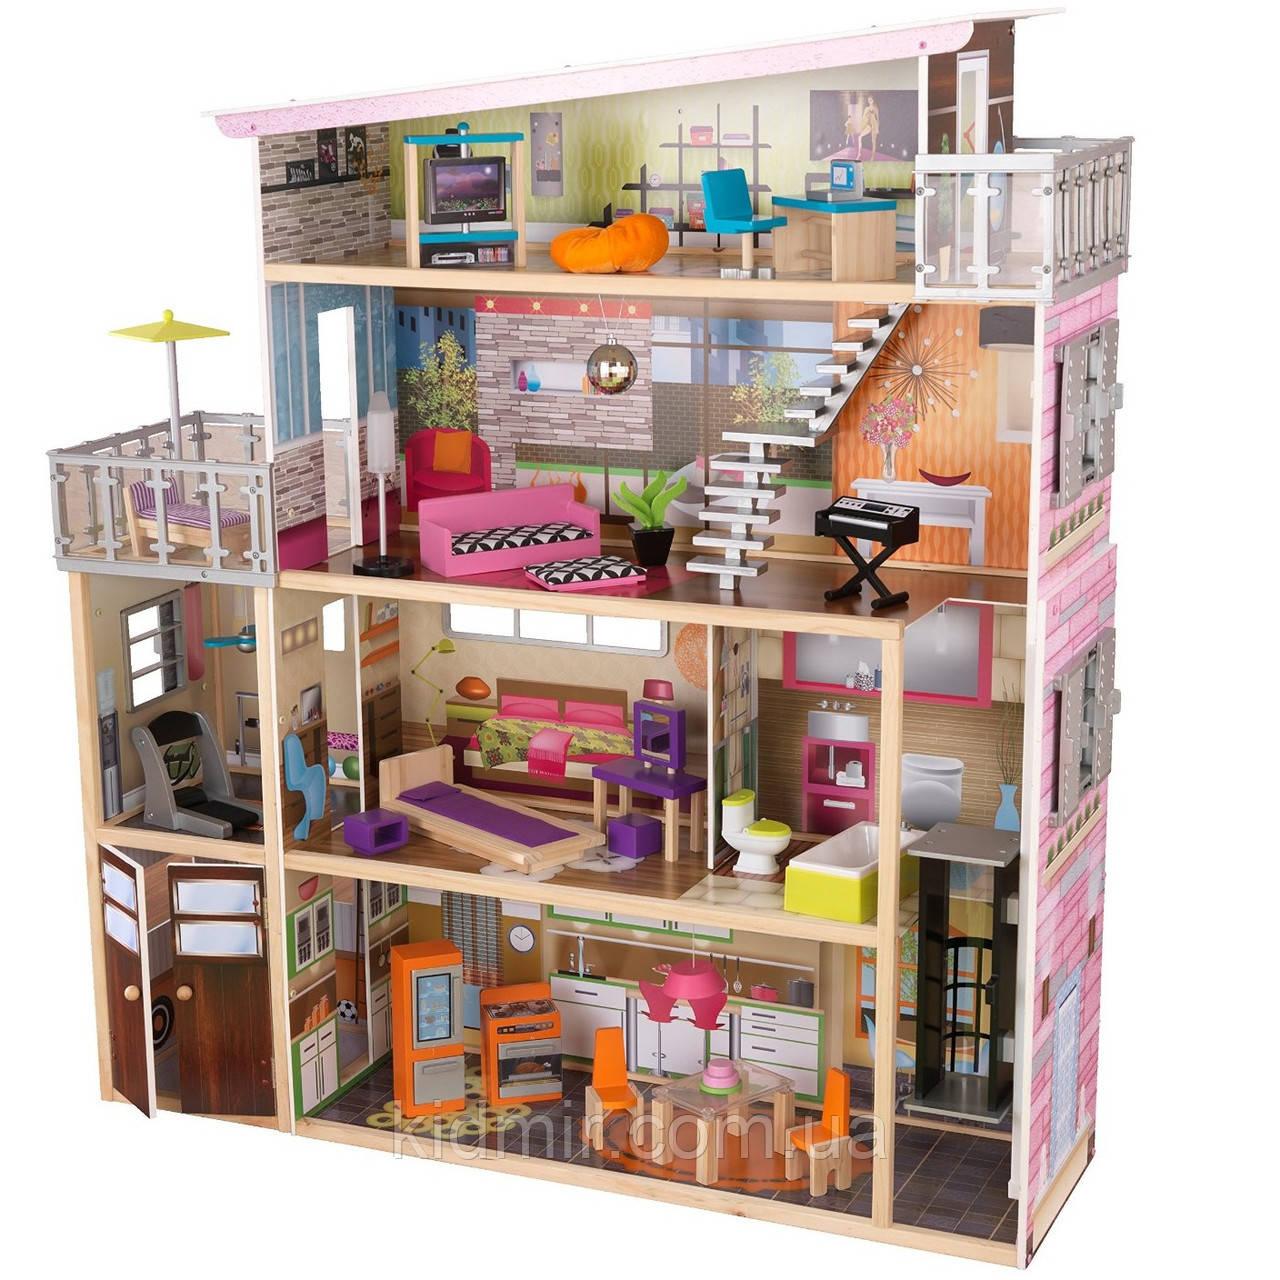 Кукольный дом с мебелью Сохо KidKraft Soho 65277